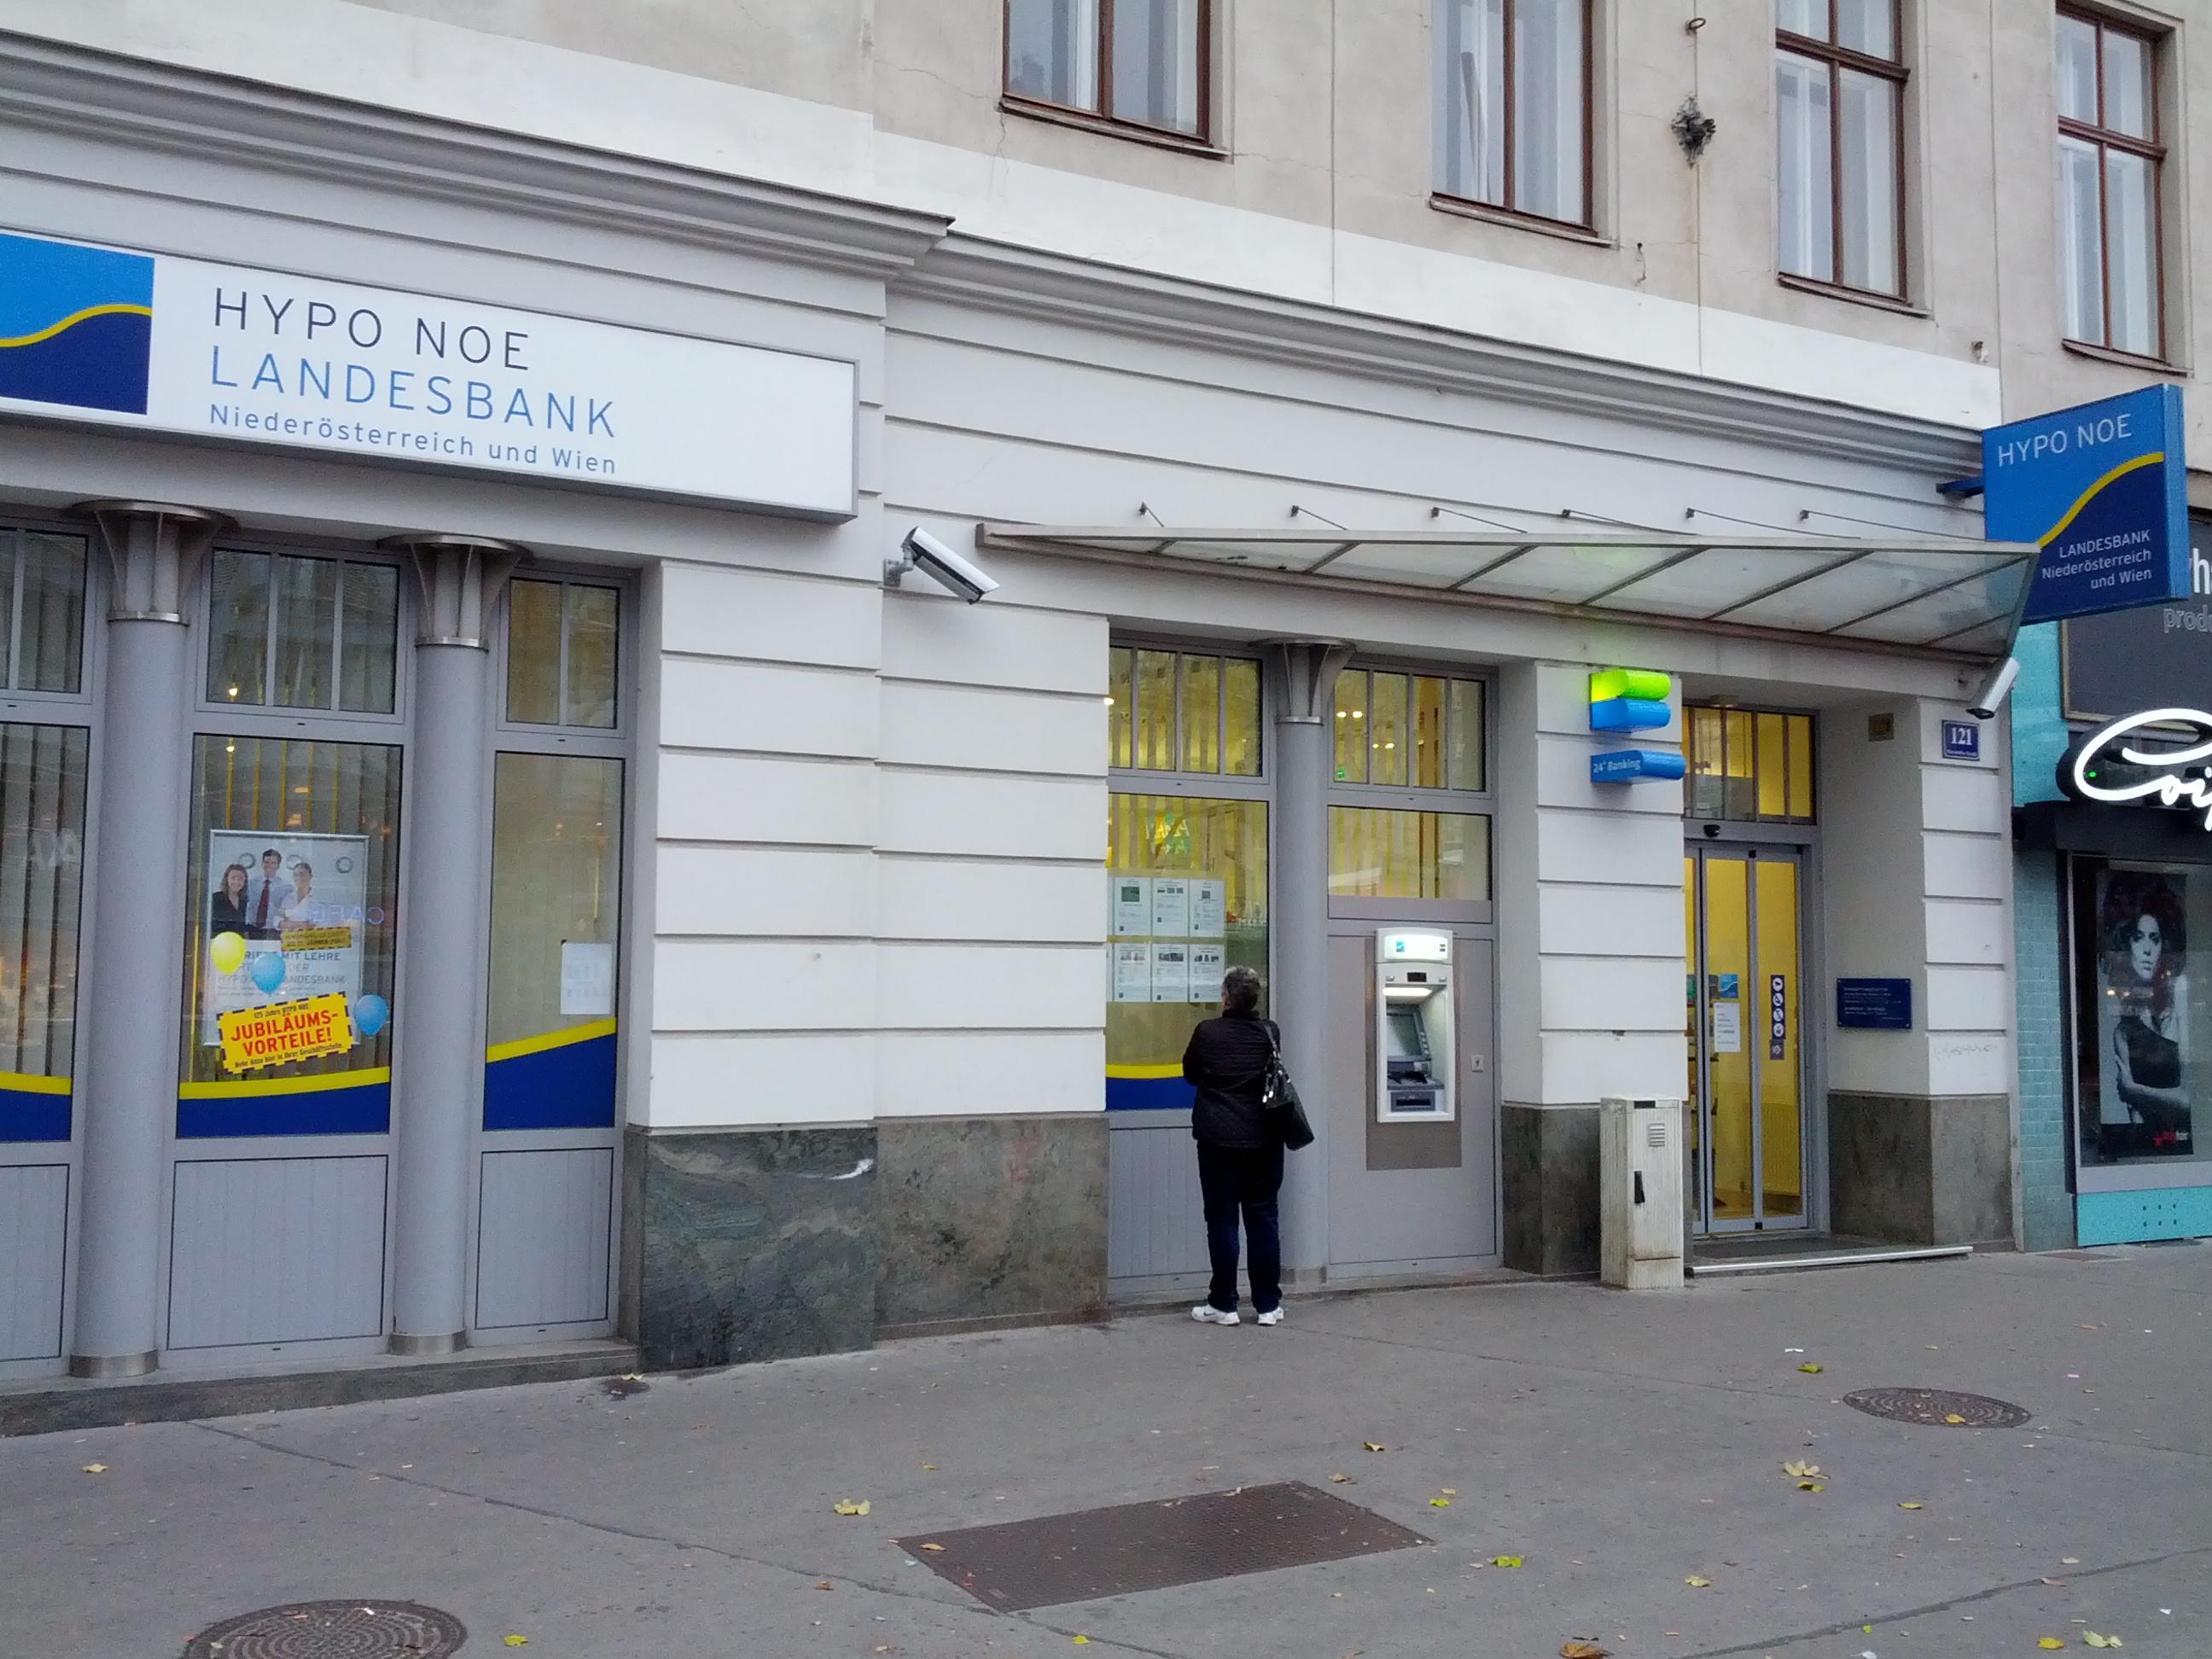 Niederösterreichische Landesbank-Hypothekenbank AG Gest. Mariahilf